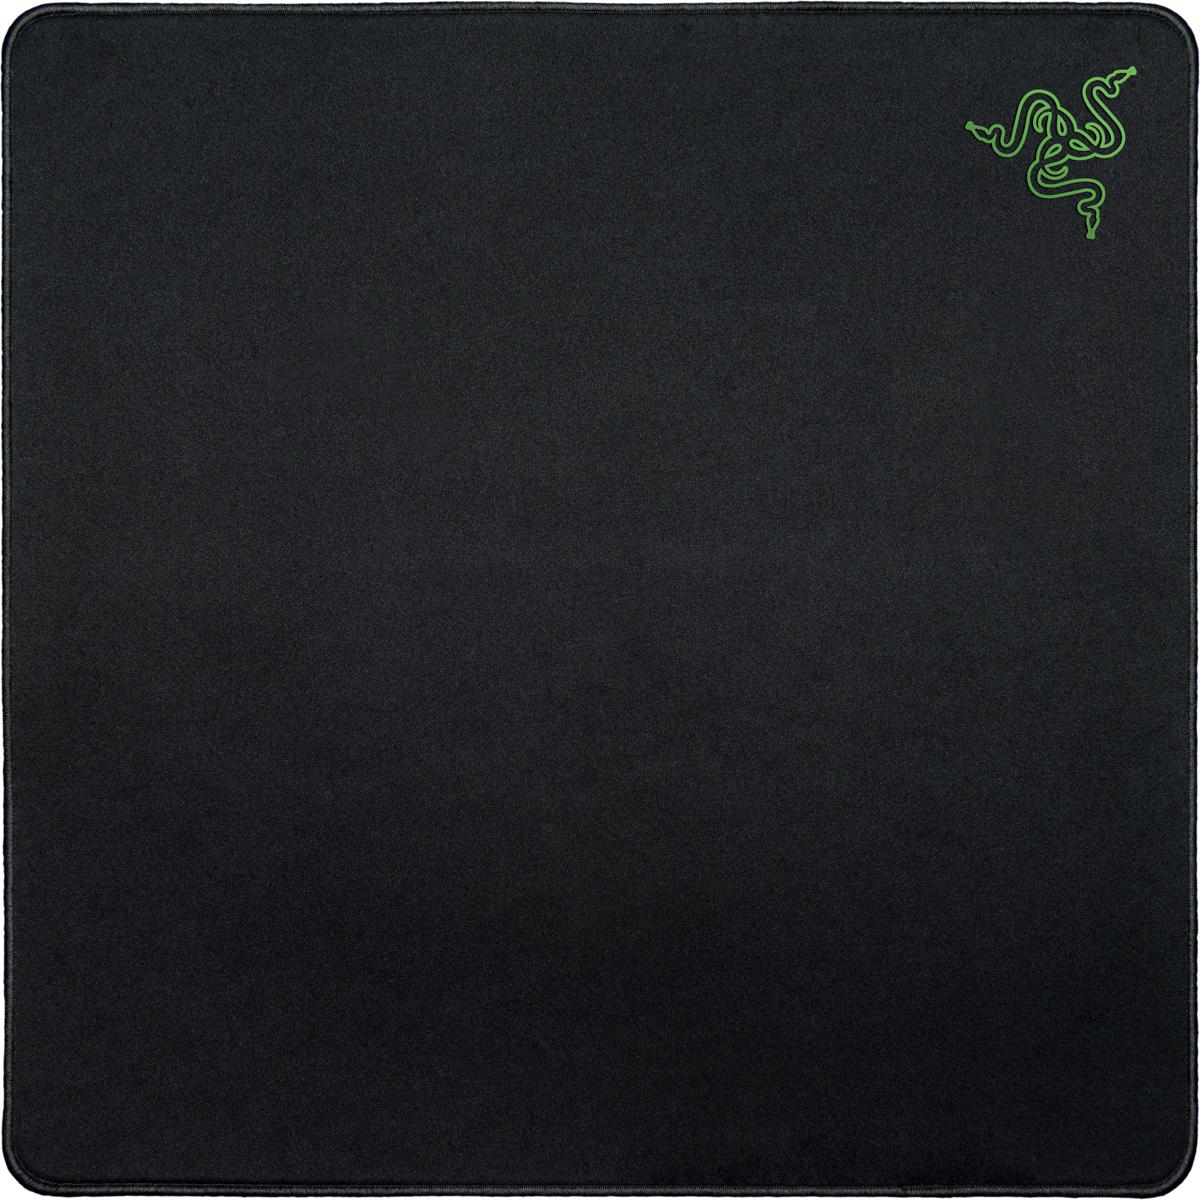 Razer Gigantus, Black игровой коврик для мыши